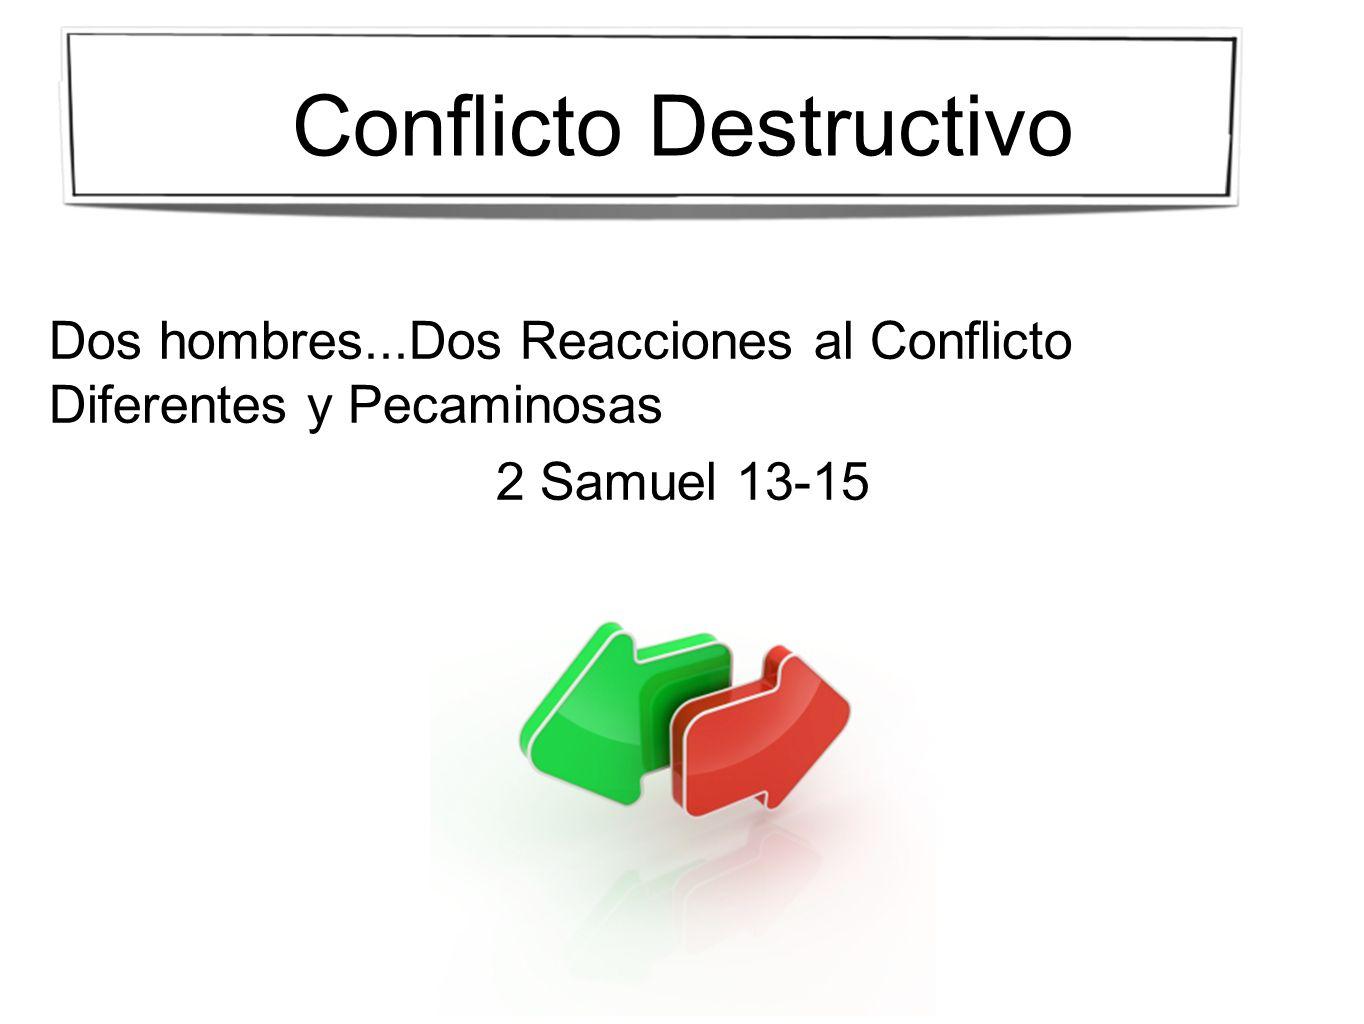 Dos hombres...Dos Reacciones al Conflicto Diferentes y Pecaminosas 2 Samuel 13-15